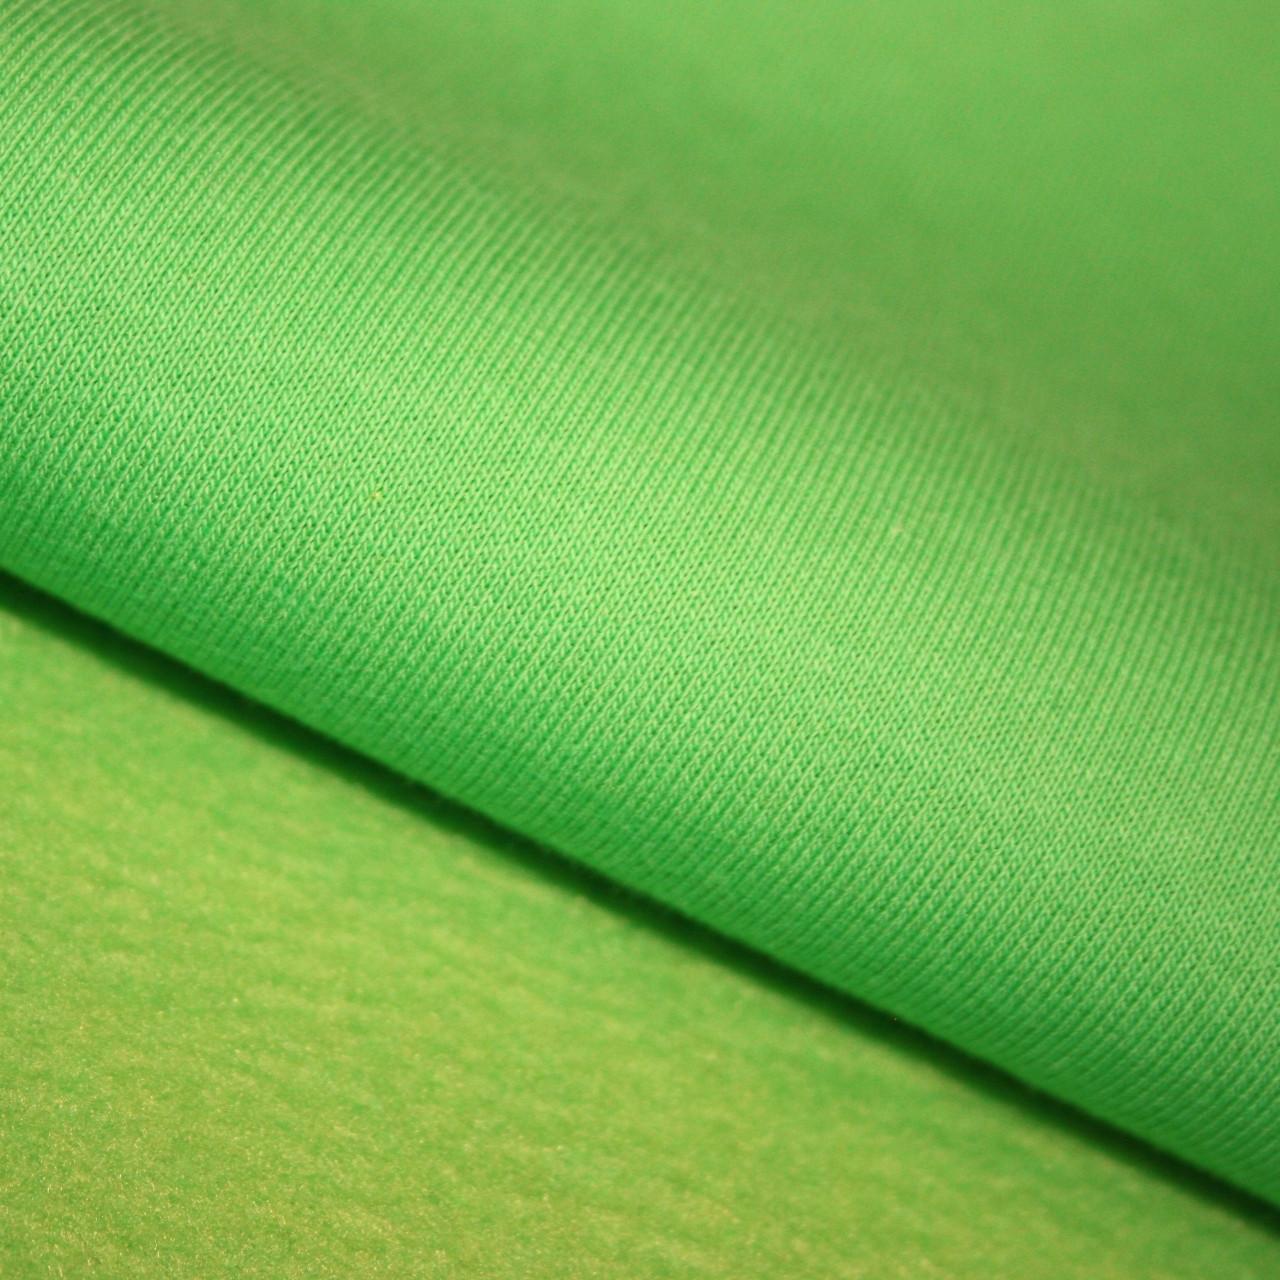 Футер трехнитка Penye на флісі, зелений неон, з начосом, купити оптом, Україна